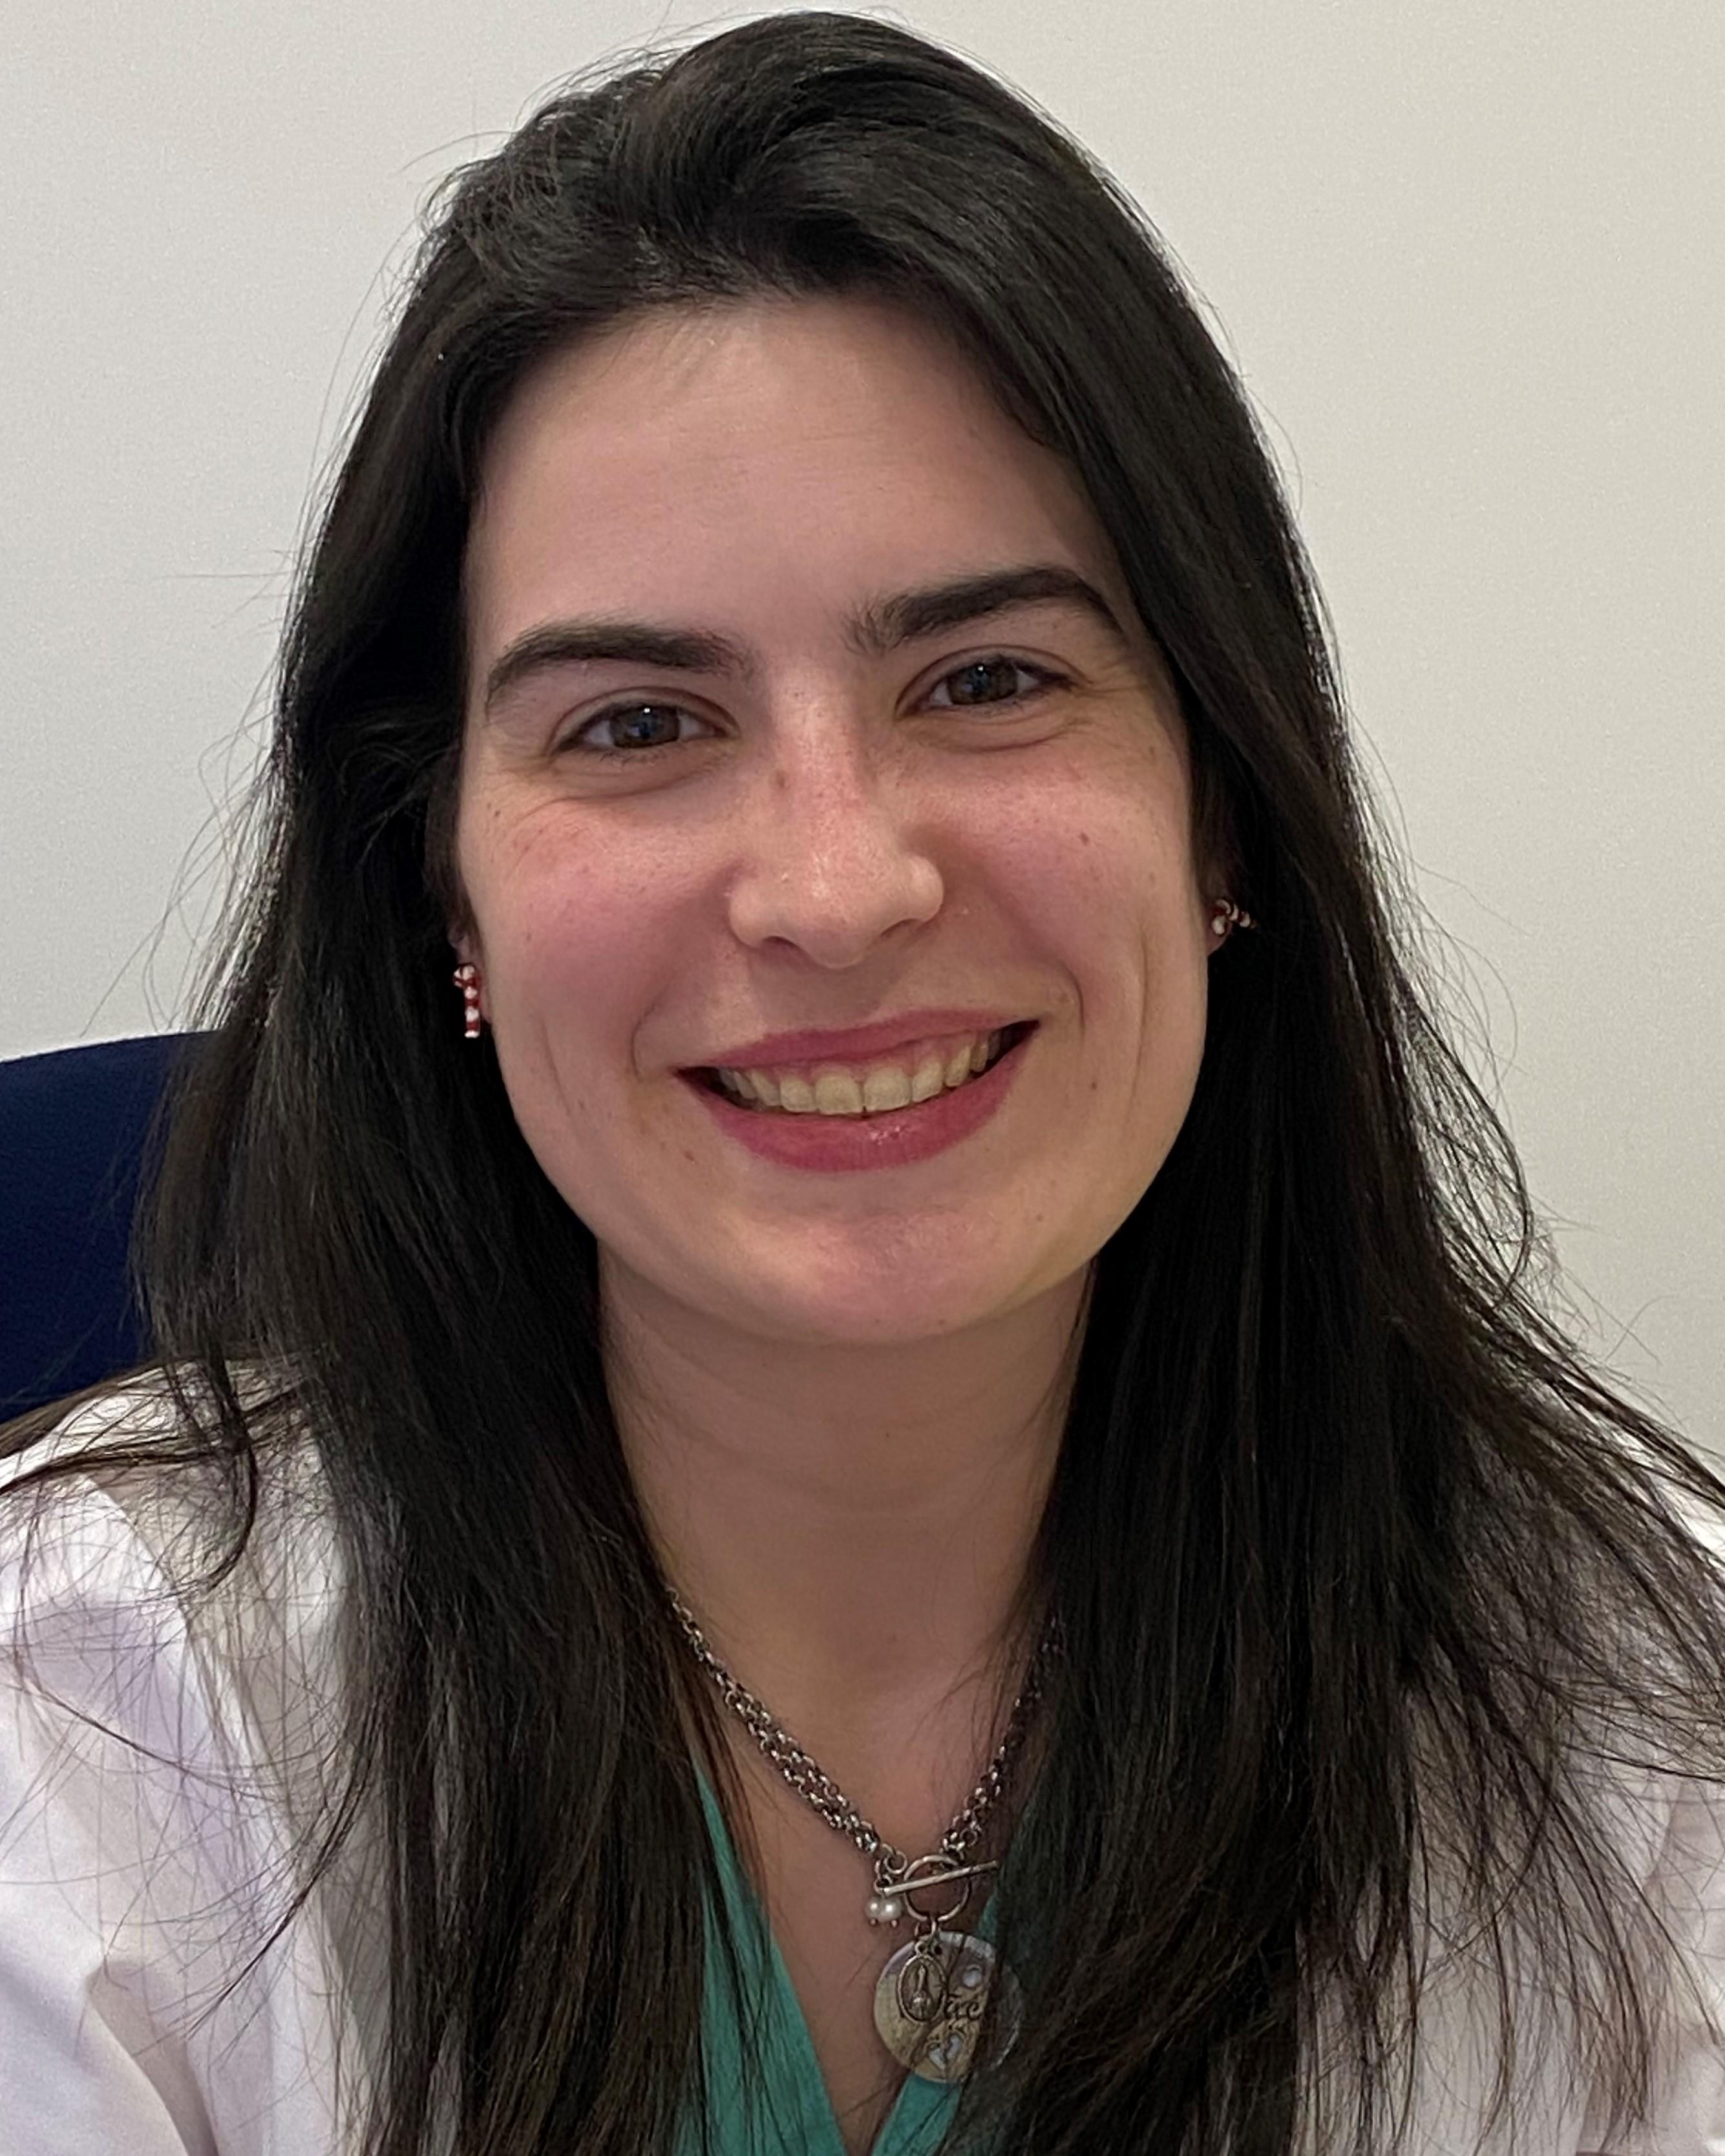 Ana Sofia Mina